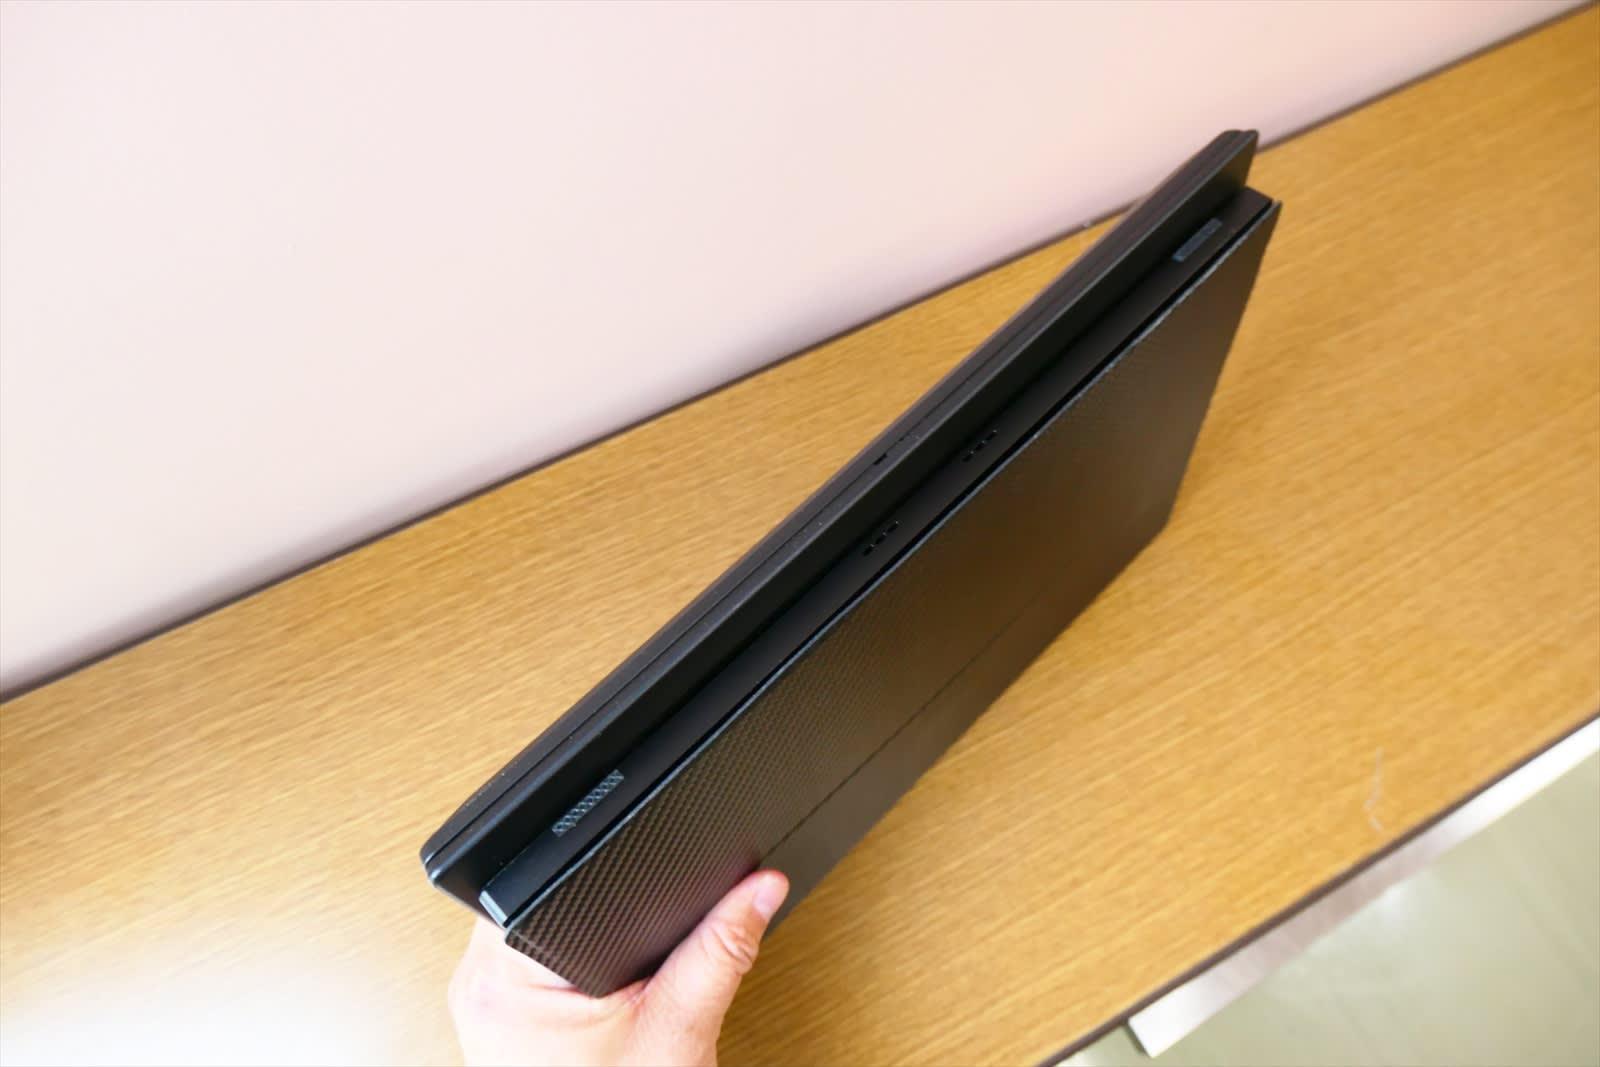 ThinkPad X390 + cocopar2019